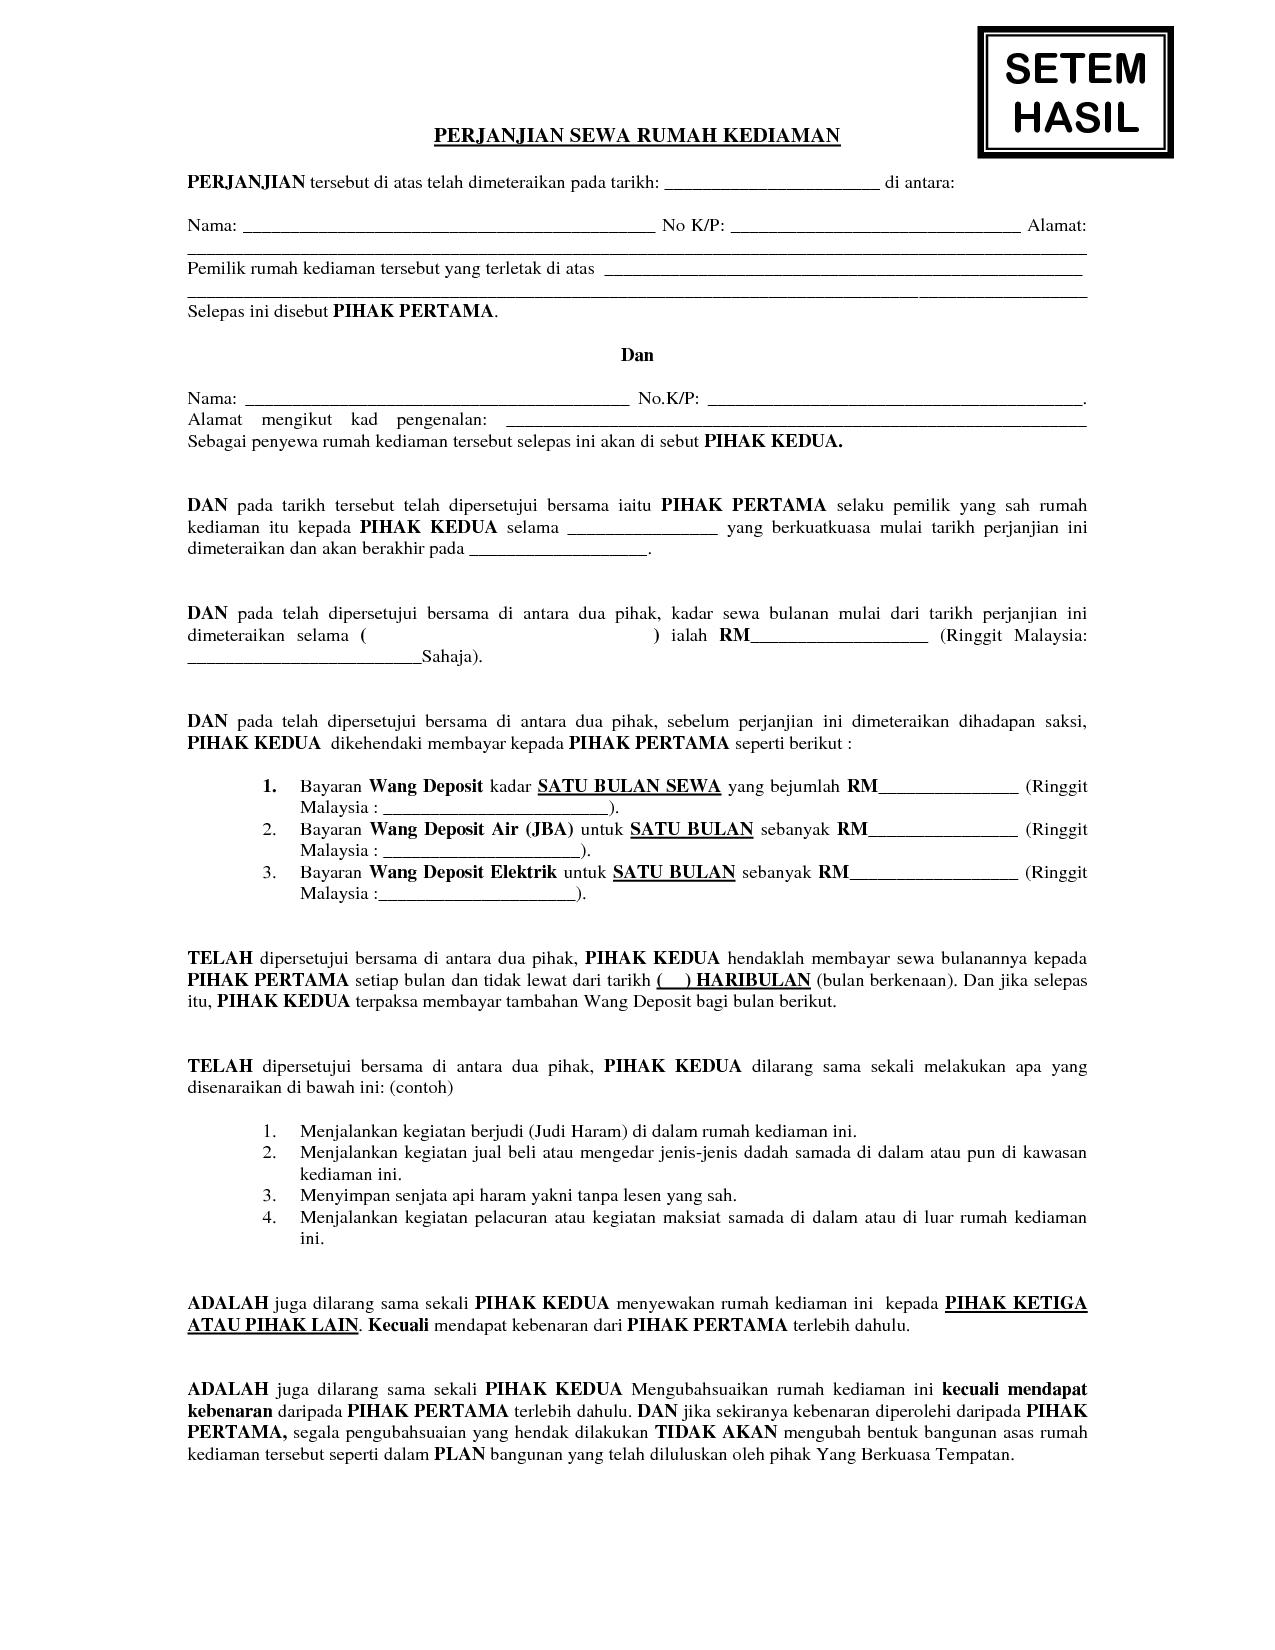 Contoh Surat Perjanjian Sewa Rumah Kediaman